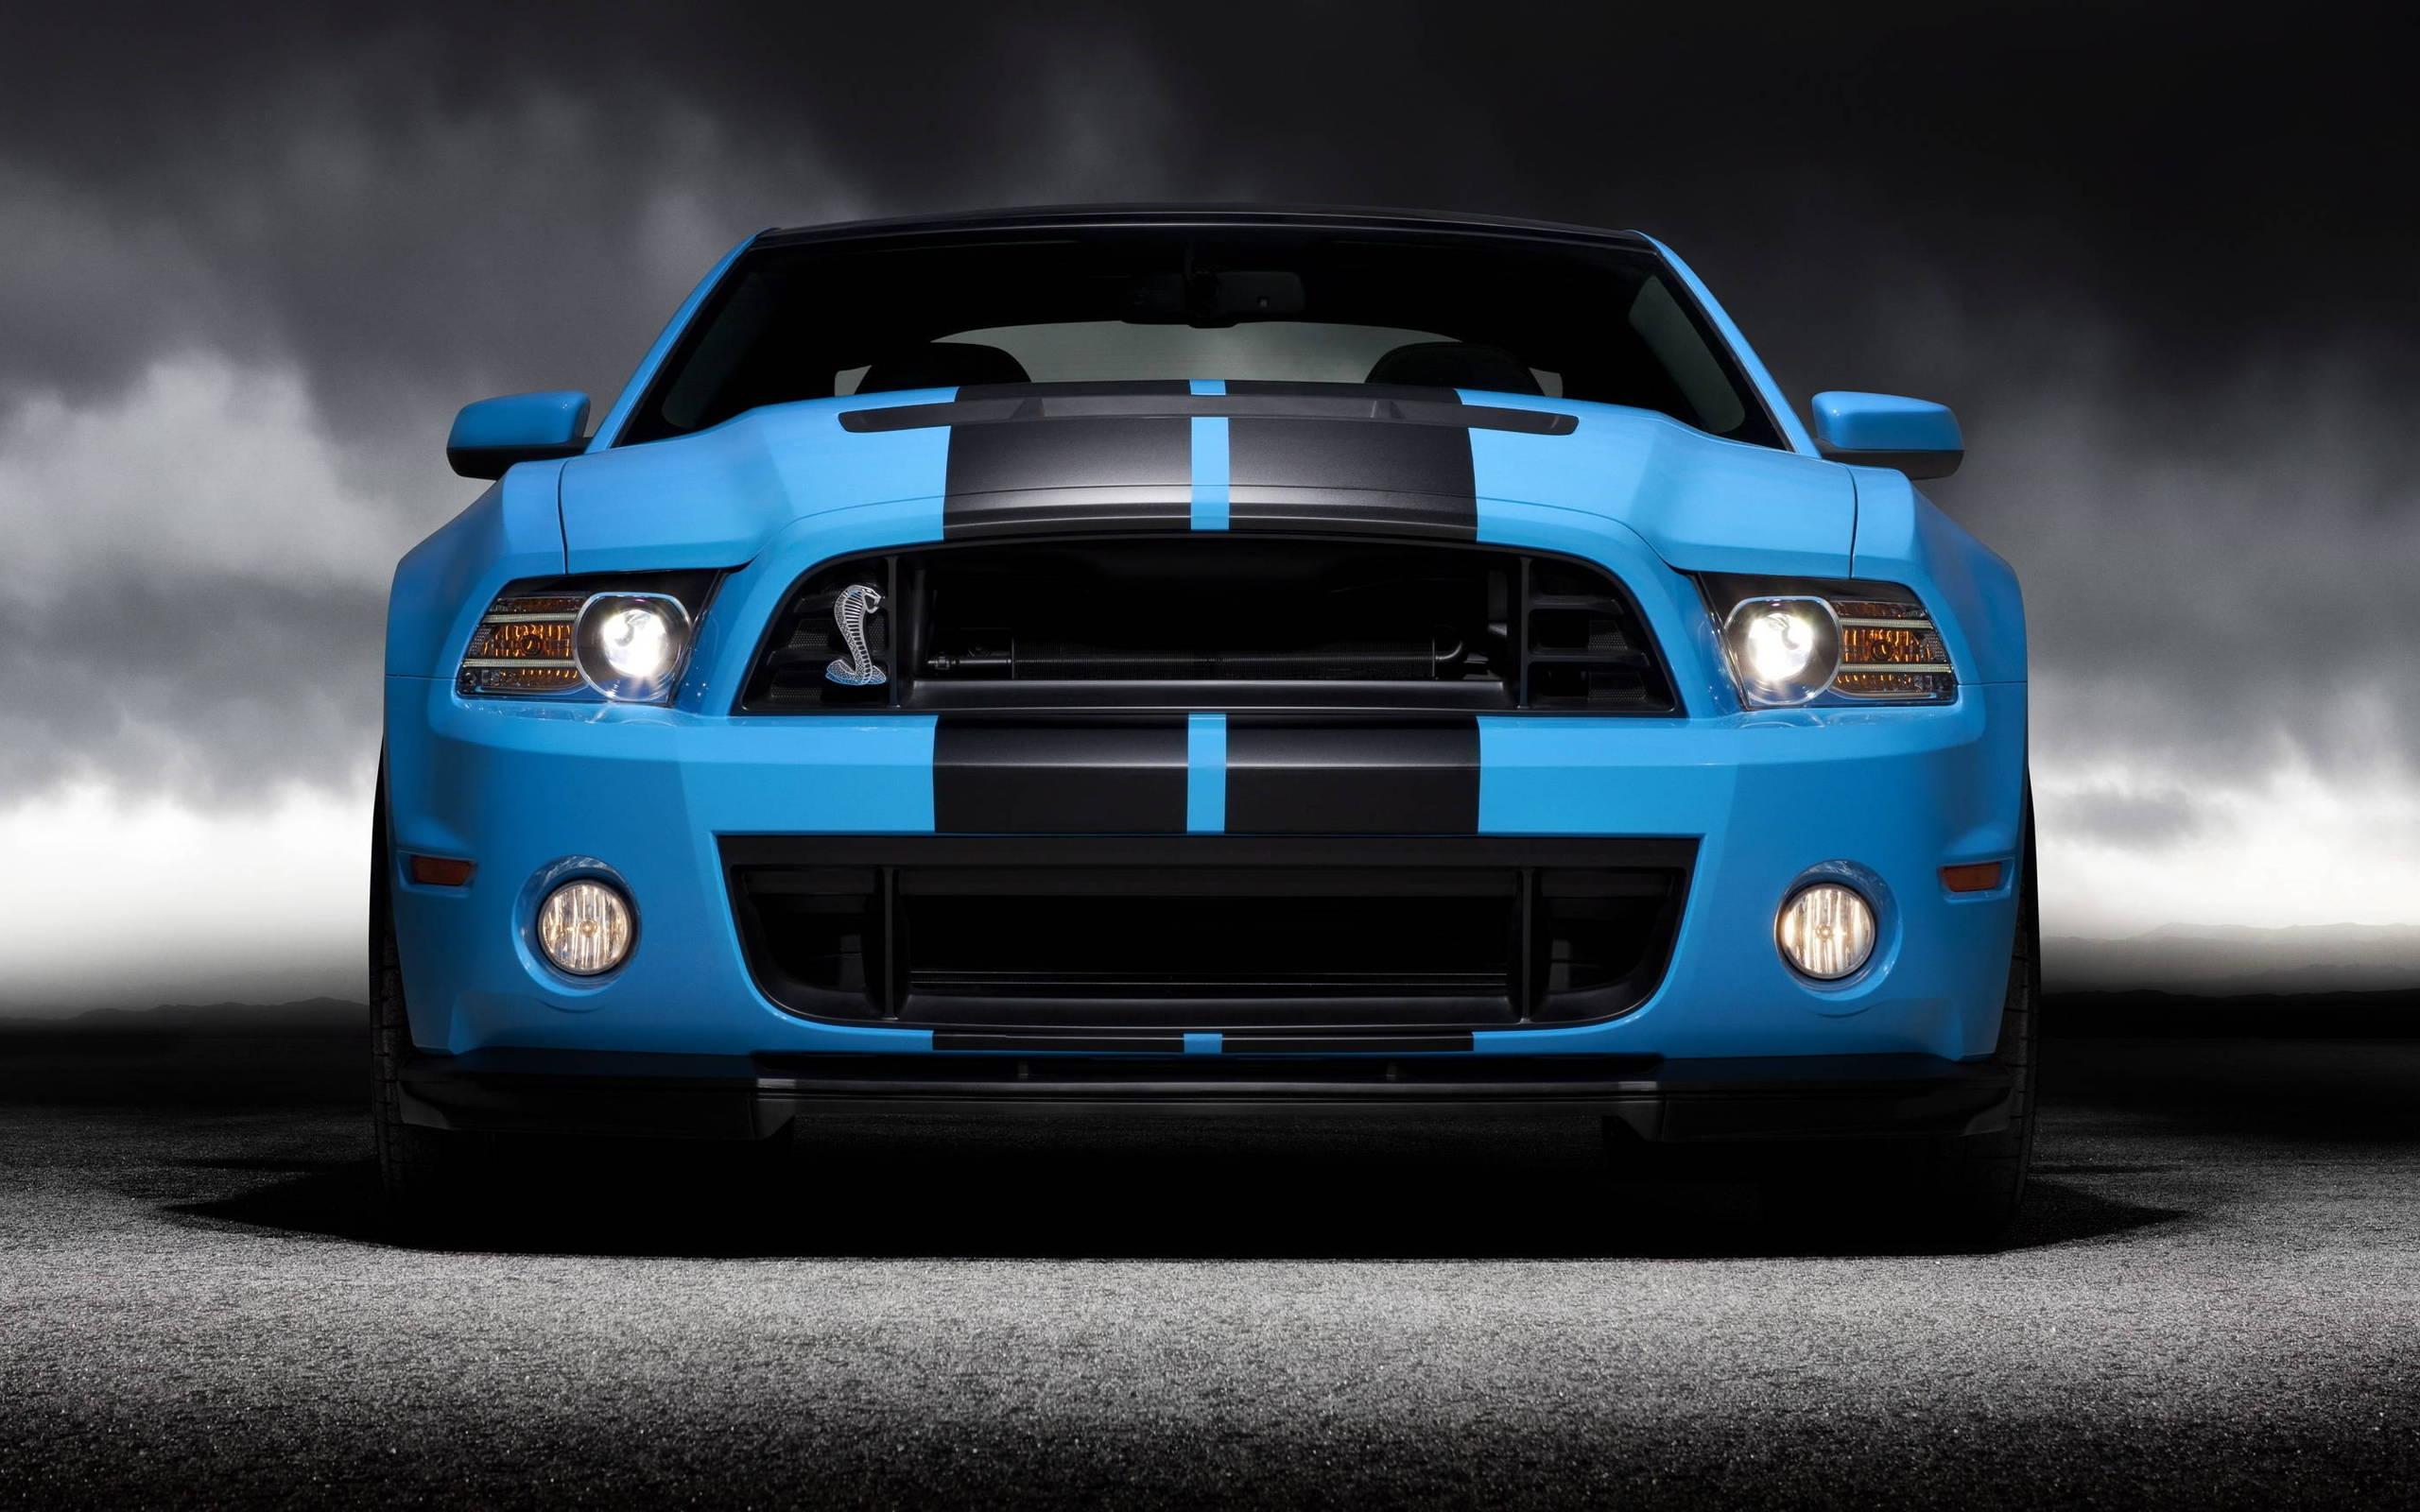 32217 скачать обои Транспорт, Машины, Мустанг (Mustang) - заставки и картинки бесплатно